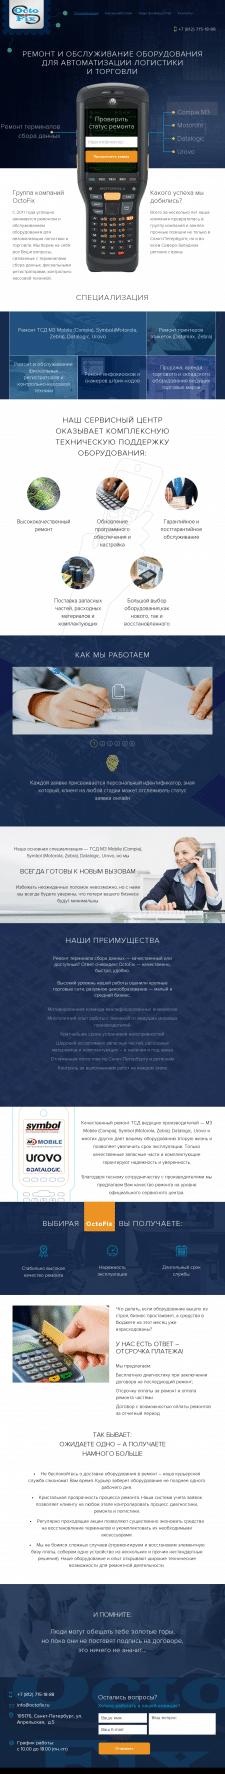 Сервис логистического оборудования Octo Fix, СПБ